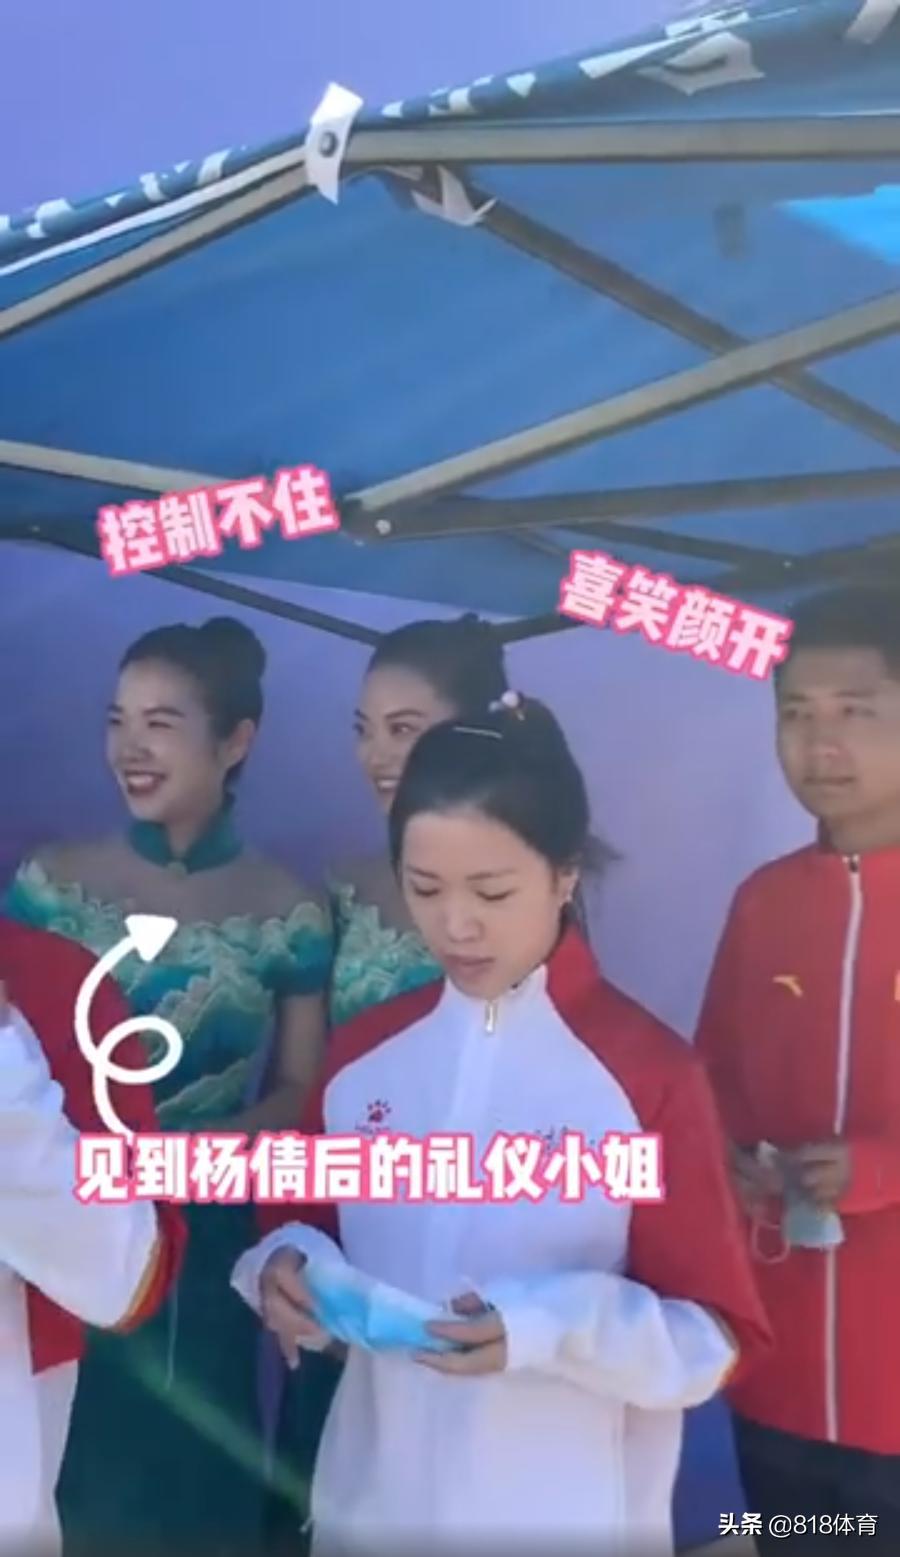 杨倩夺冠后成大型追星现场,毫无架子满足粉丝